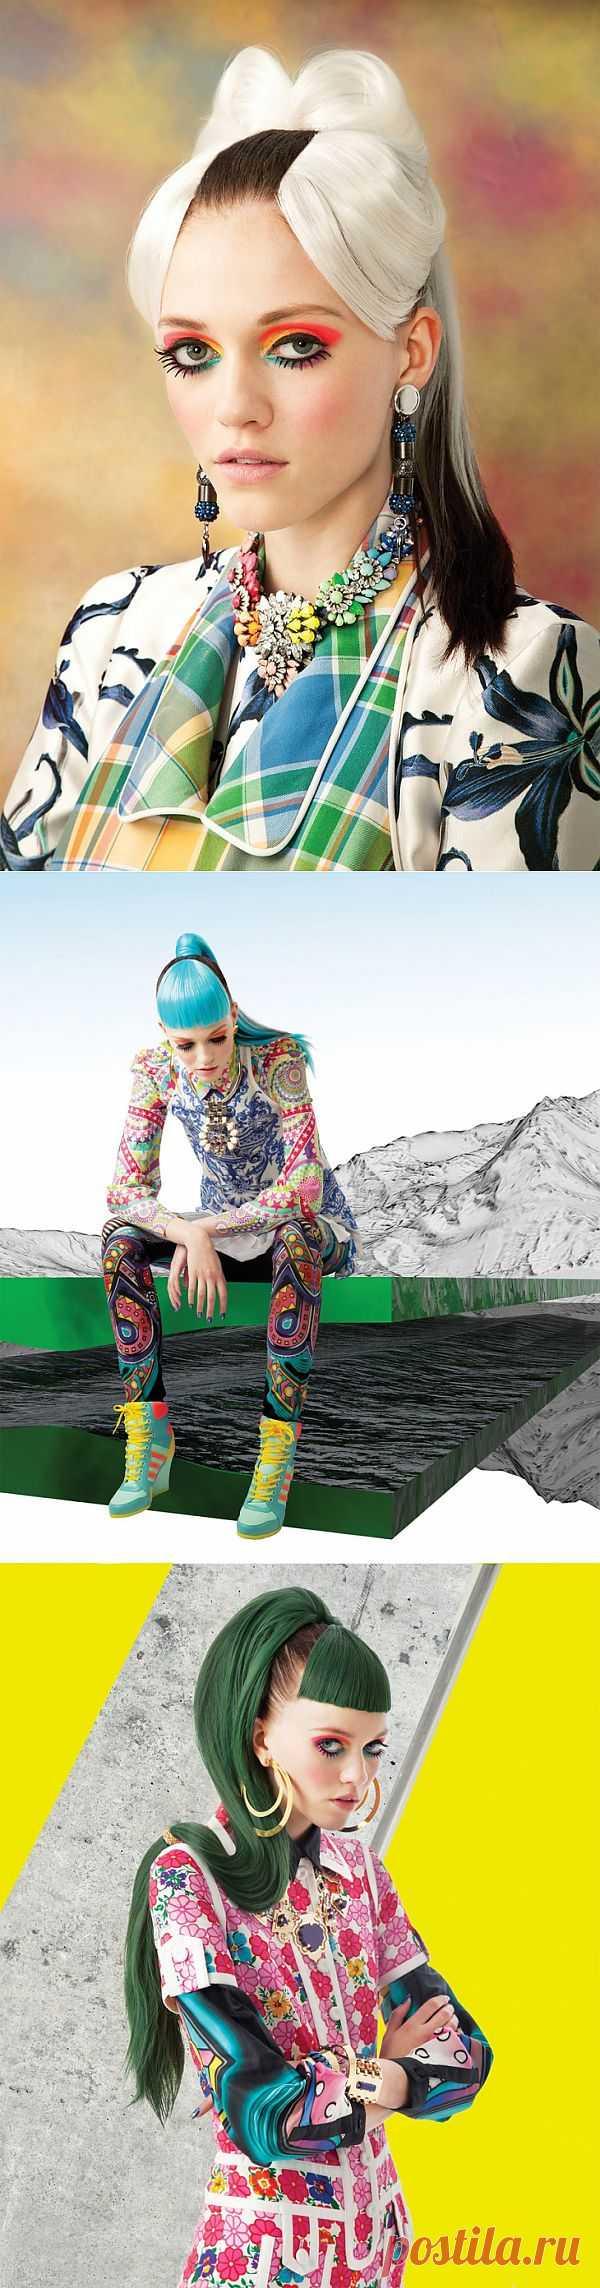 Покажите мне, что вы носите... / Обзор журналов / Модный сайт о стильной переделке одежды и интерьера